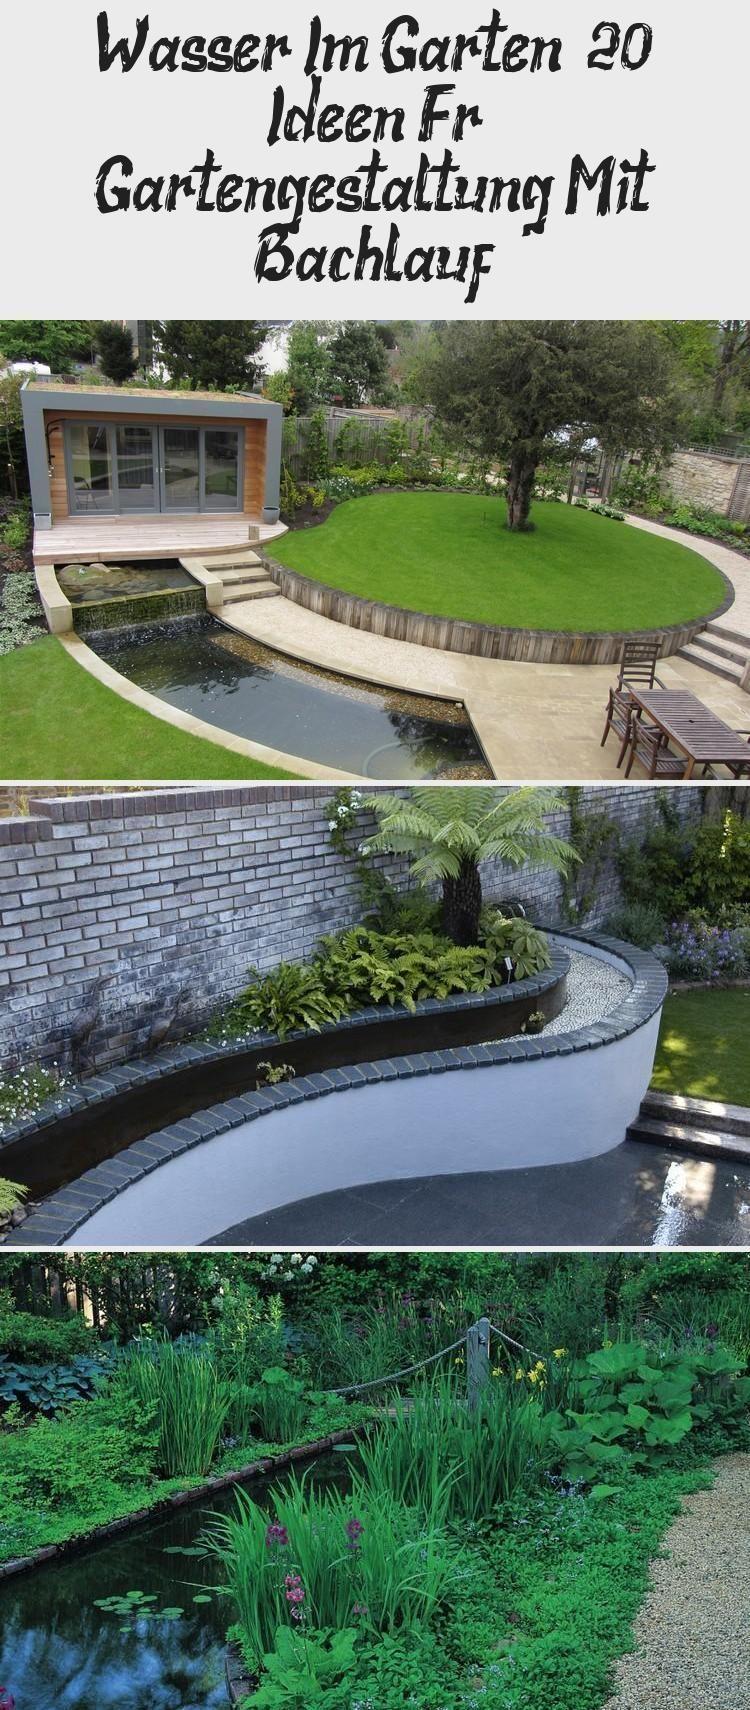 Wasser Im Garten 20 Ideen Fur Die Gartengestaltung Mit Einem Bach Wasser In G Wasser Im Garten Gartengestaltung Garten